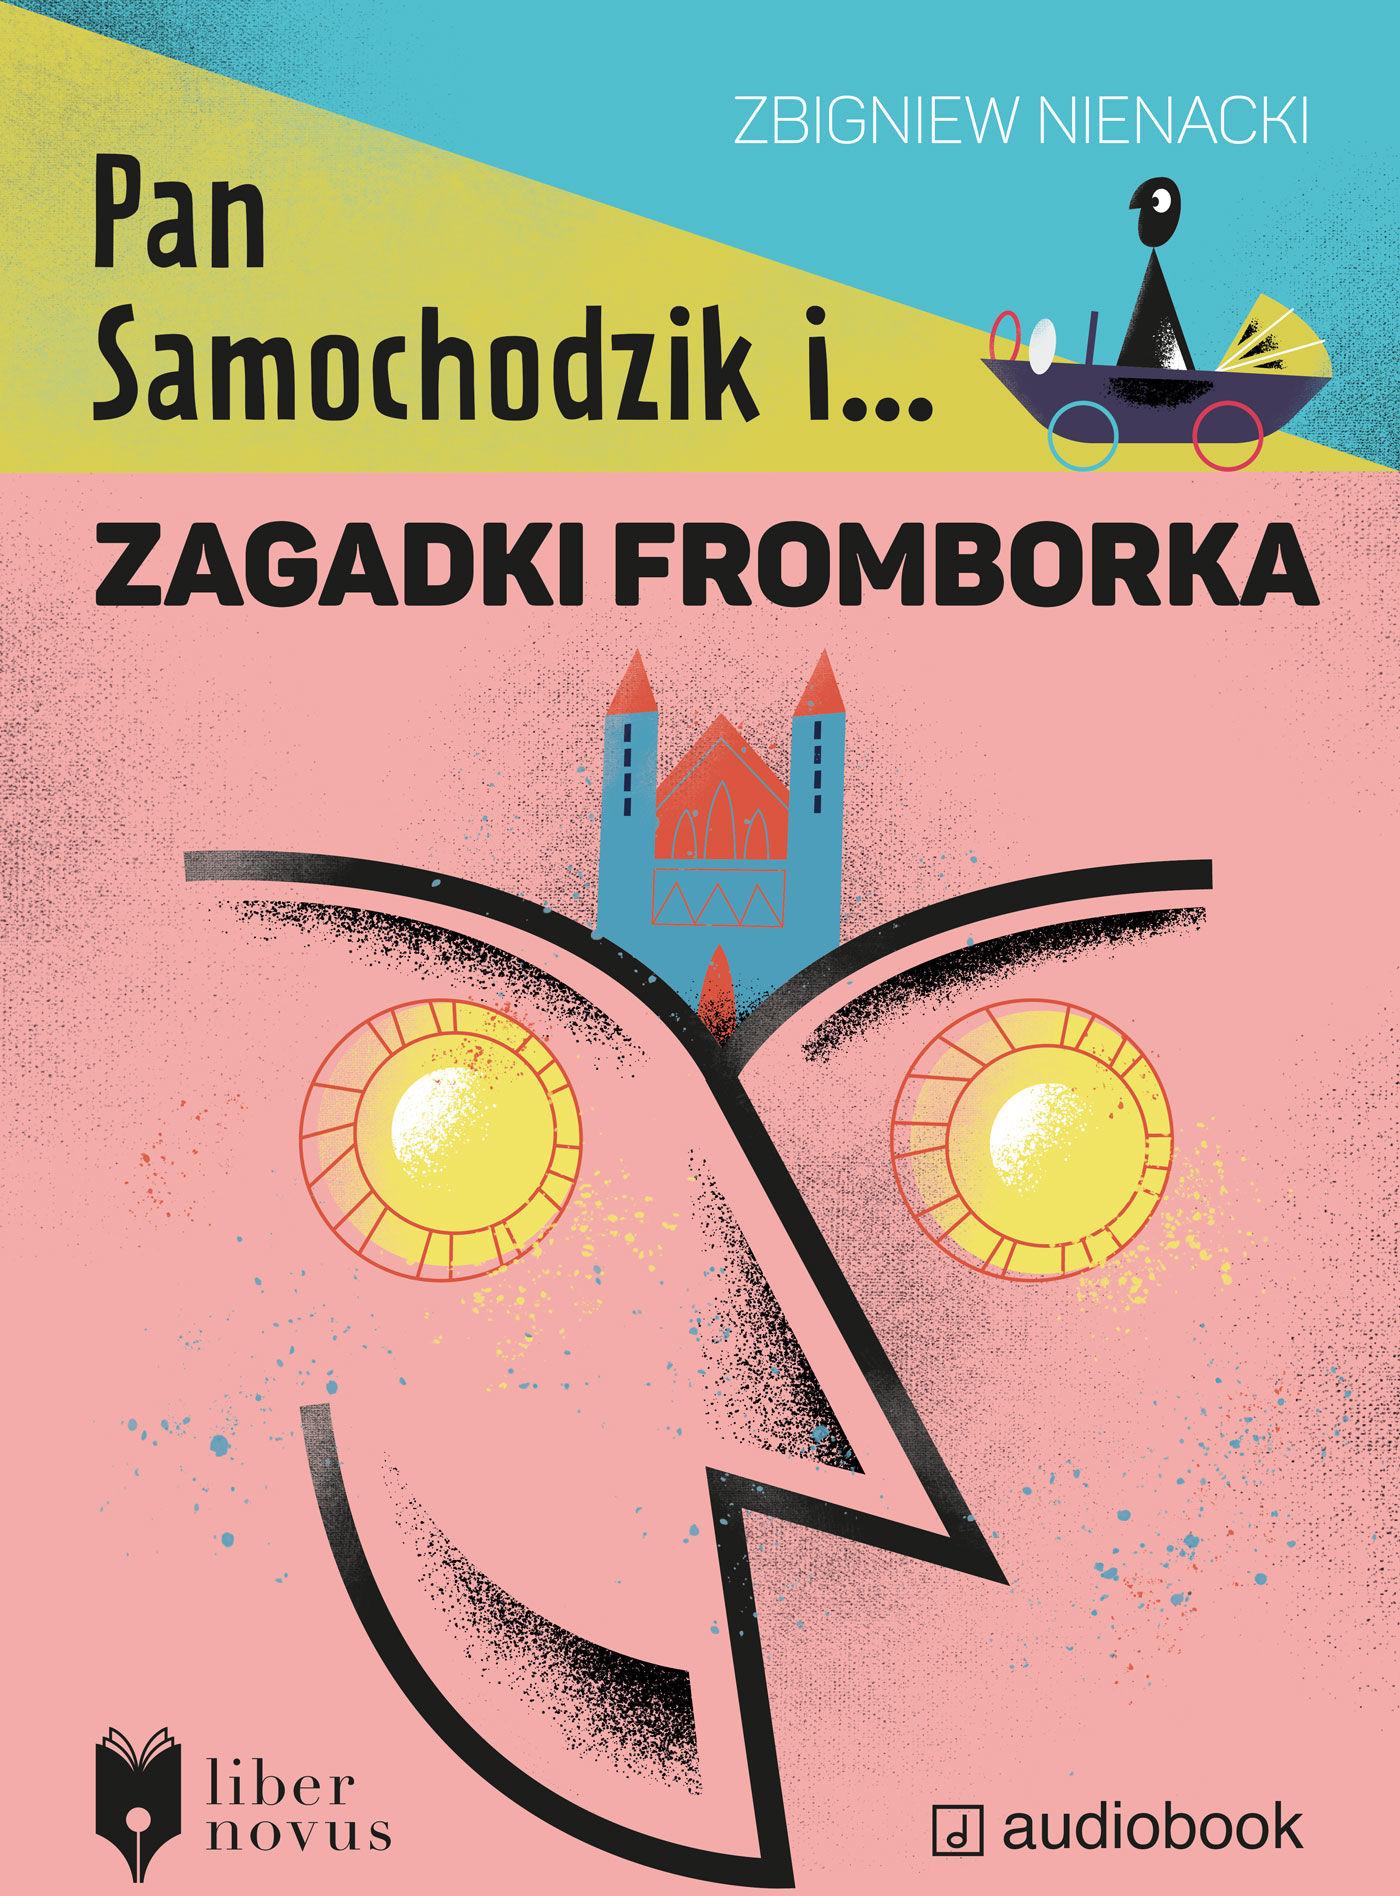 Pan Samochodzik i zagadki Fromborka - Zbigniew Nienacki - audiobook